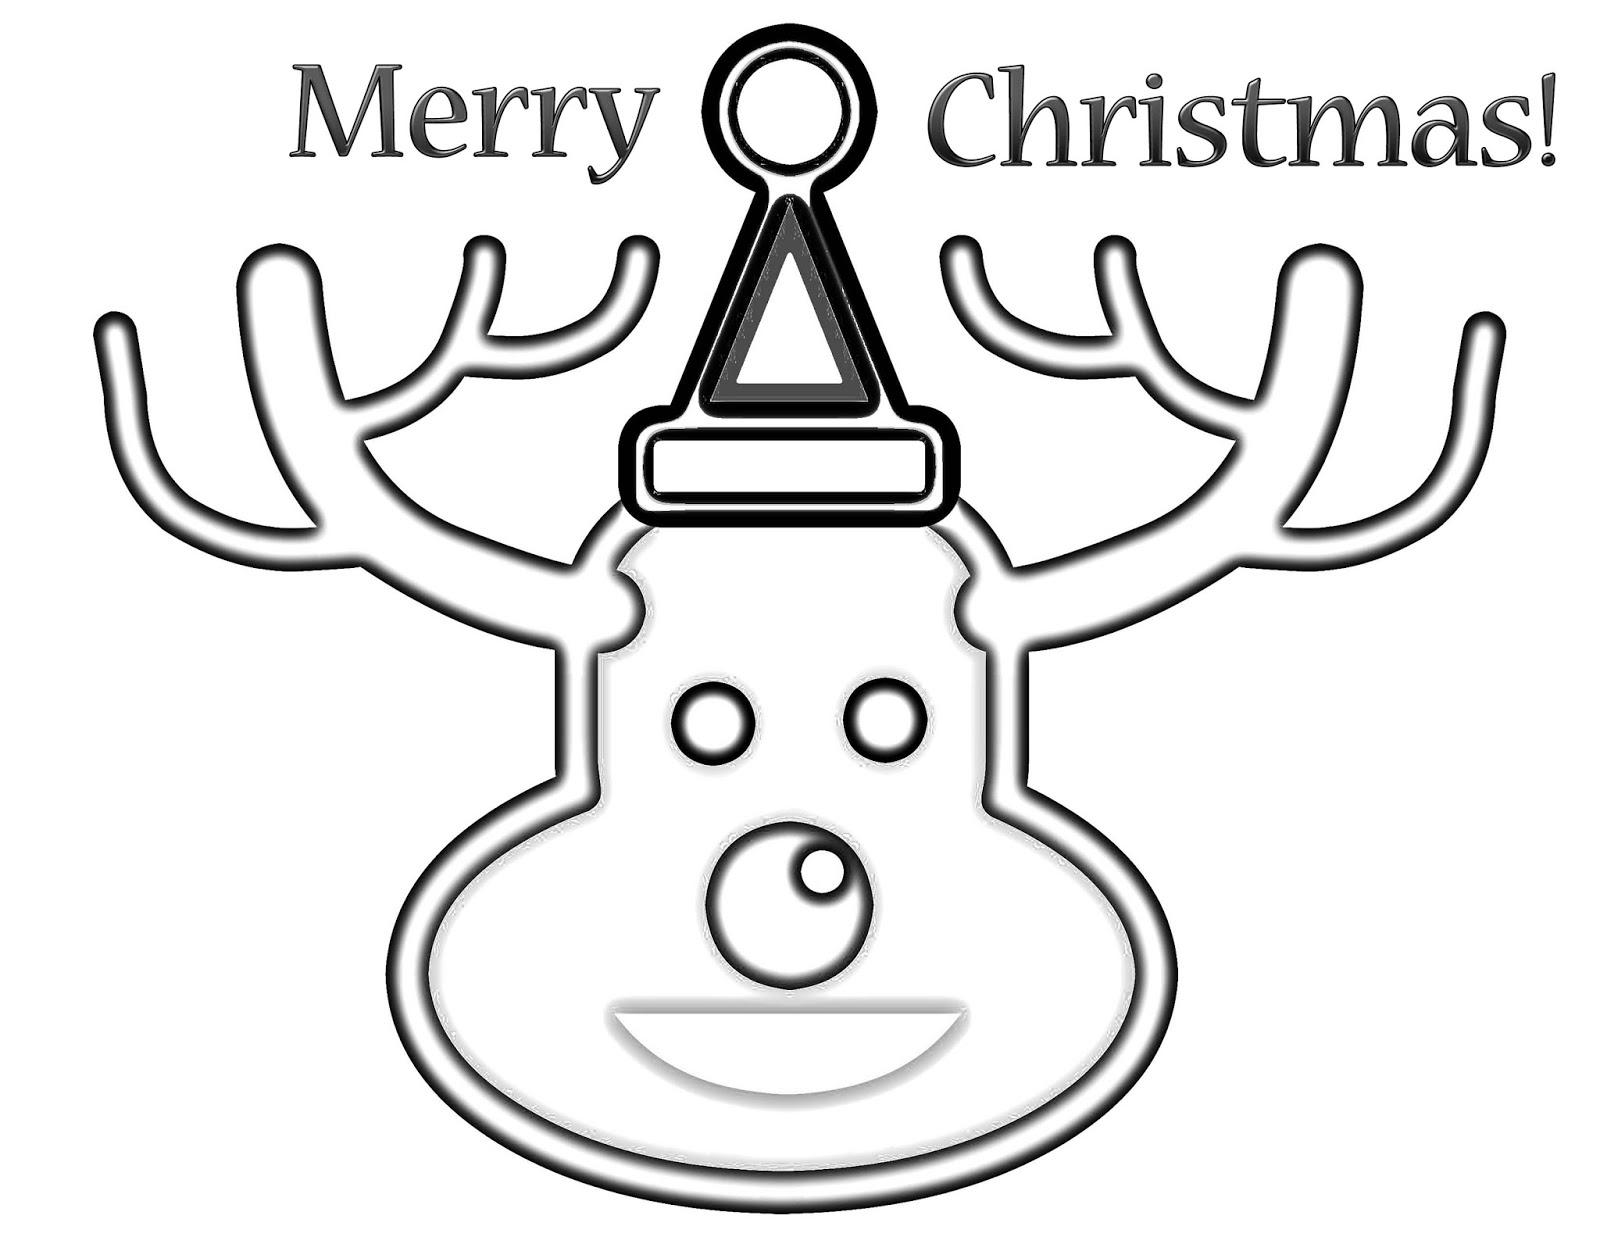 CJO Photo: Christmas Coloring Page: Christmas Reindeer